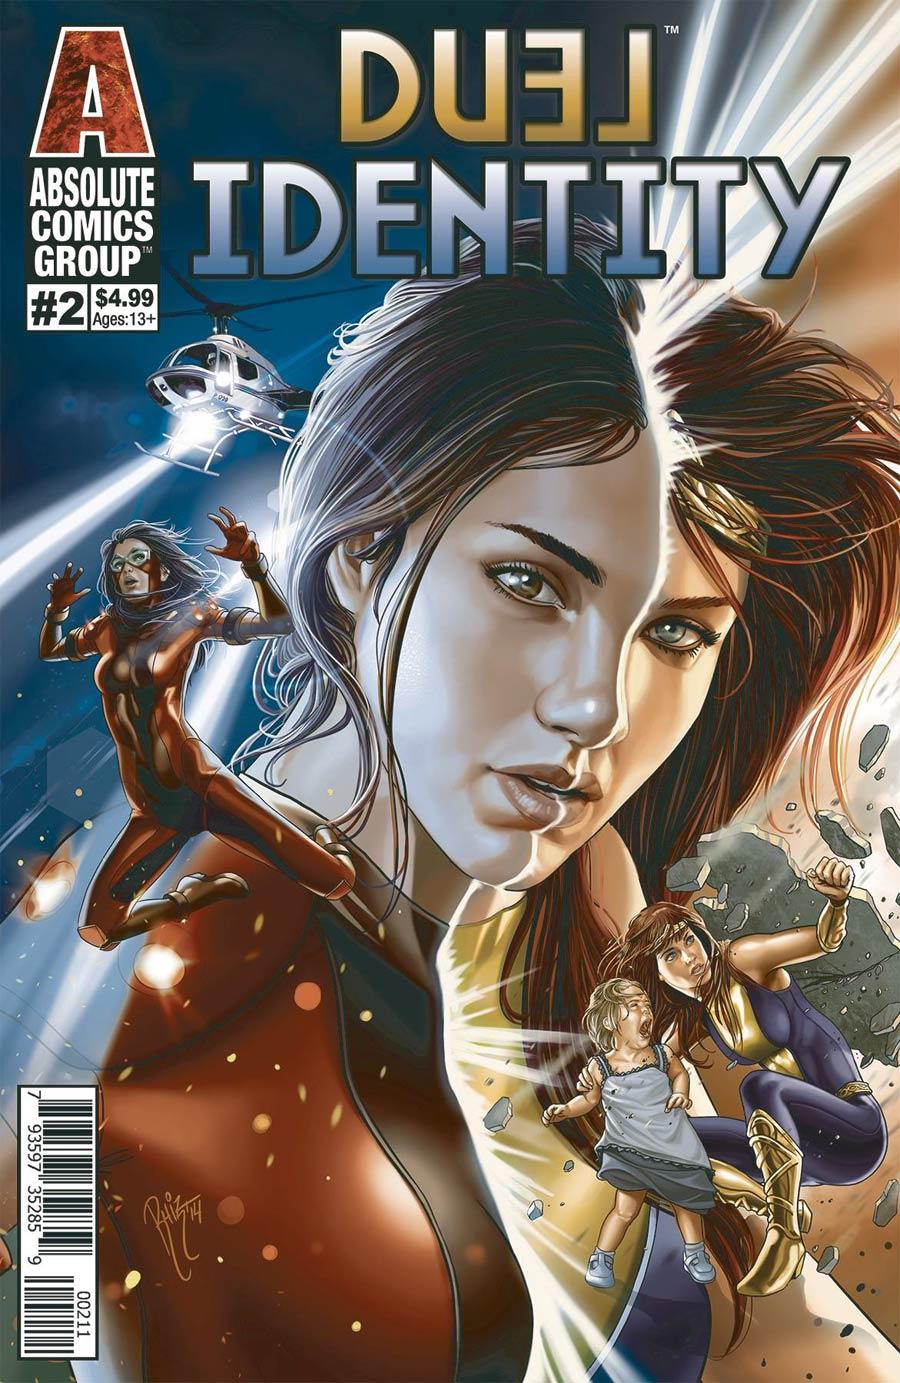 Duel Identity #2 Cover A Regular Ruiz Burgos Cover